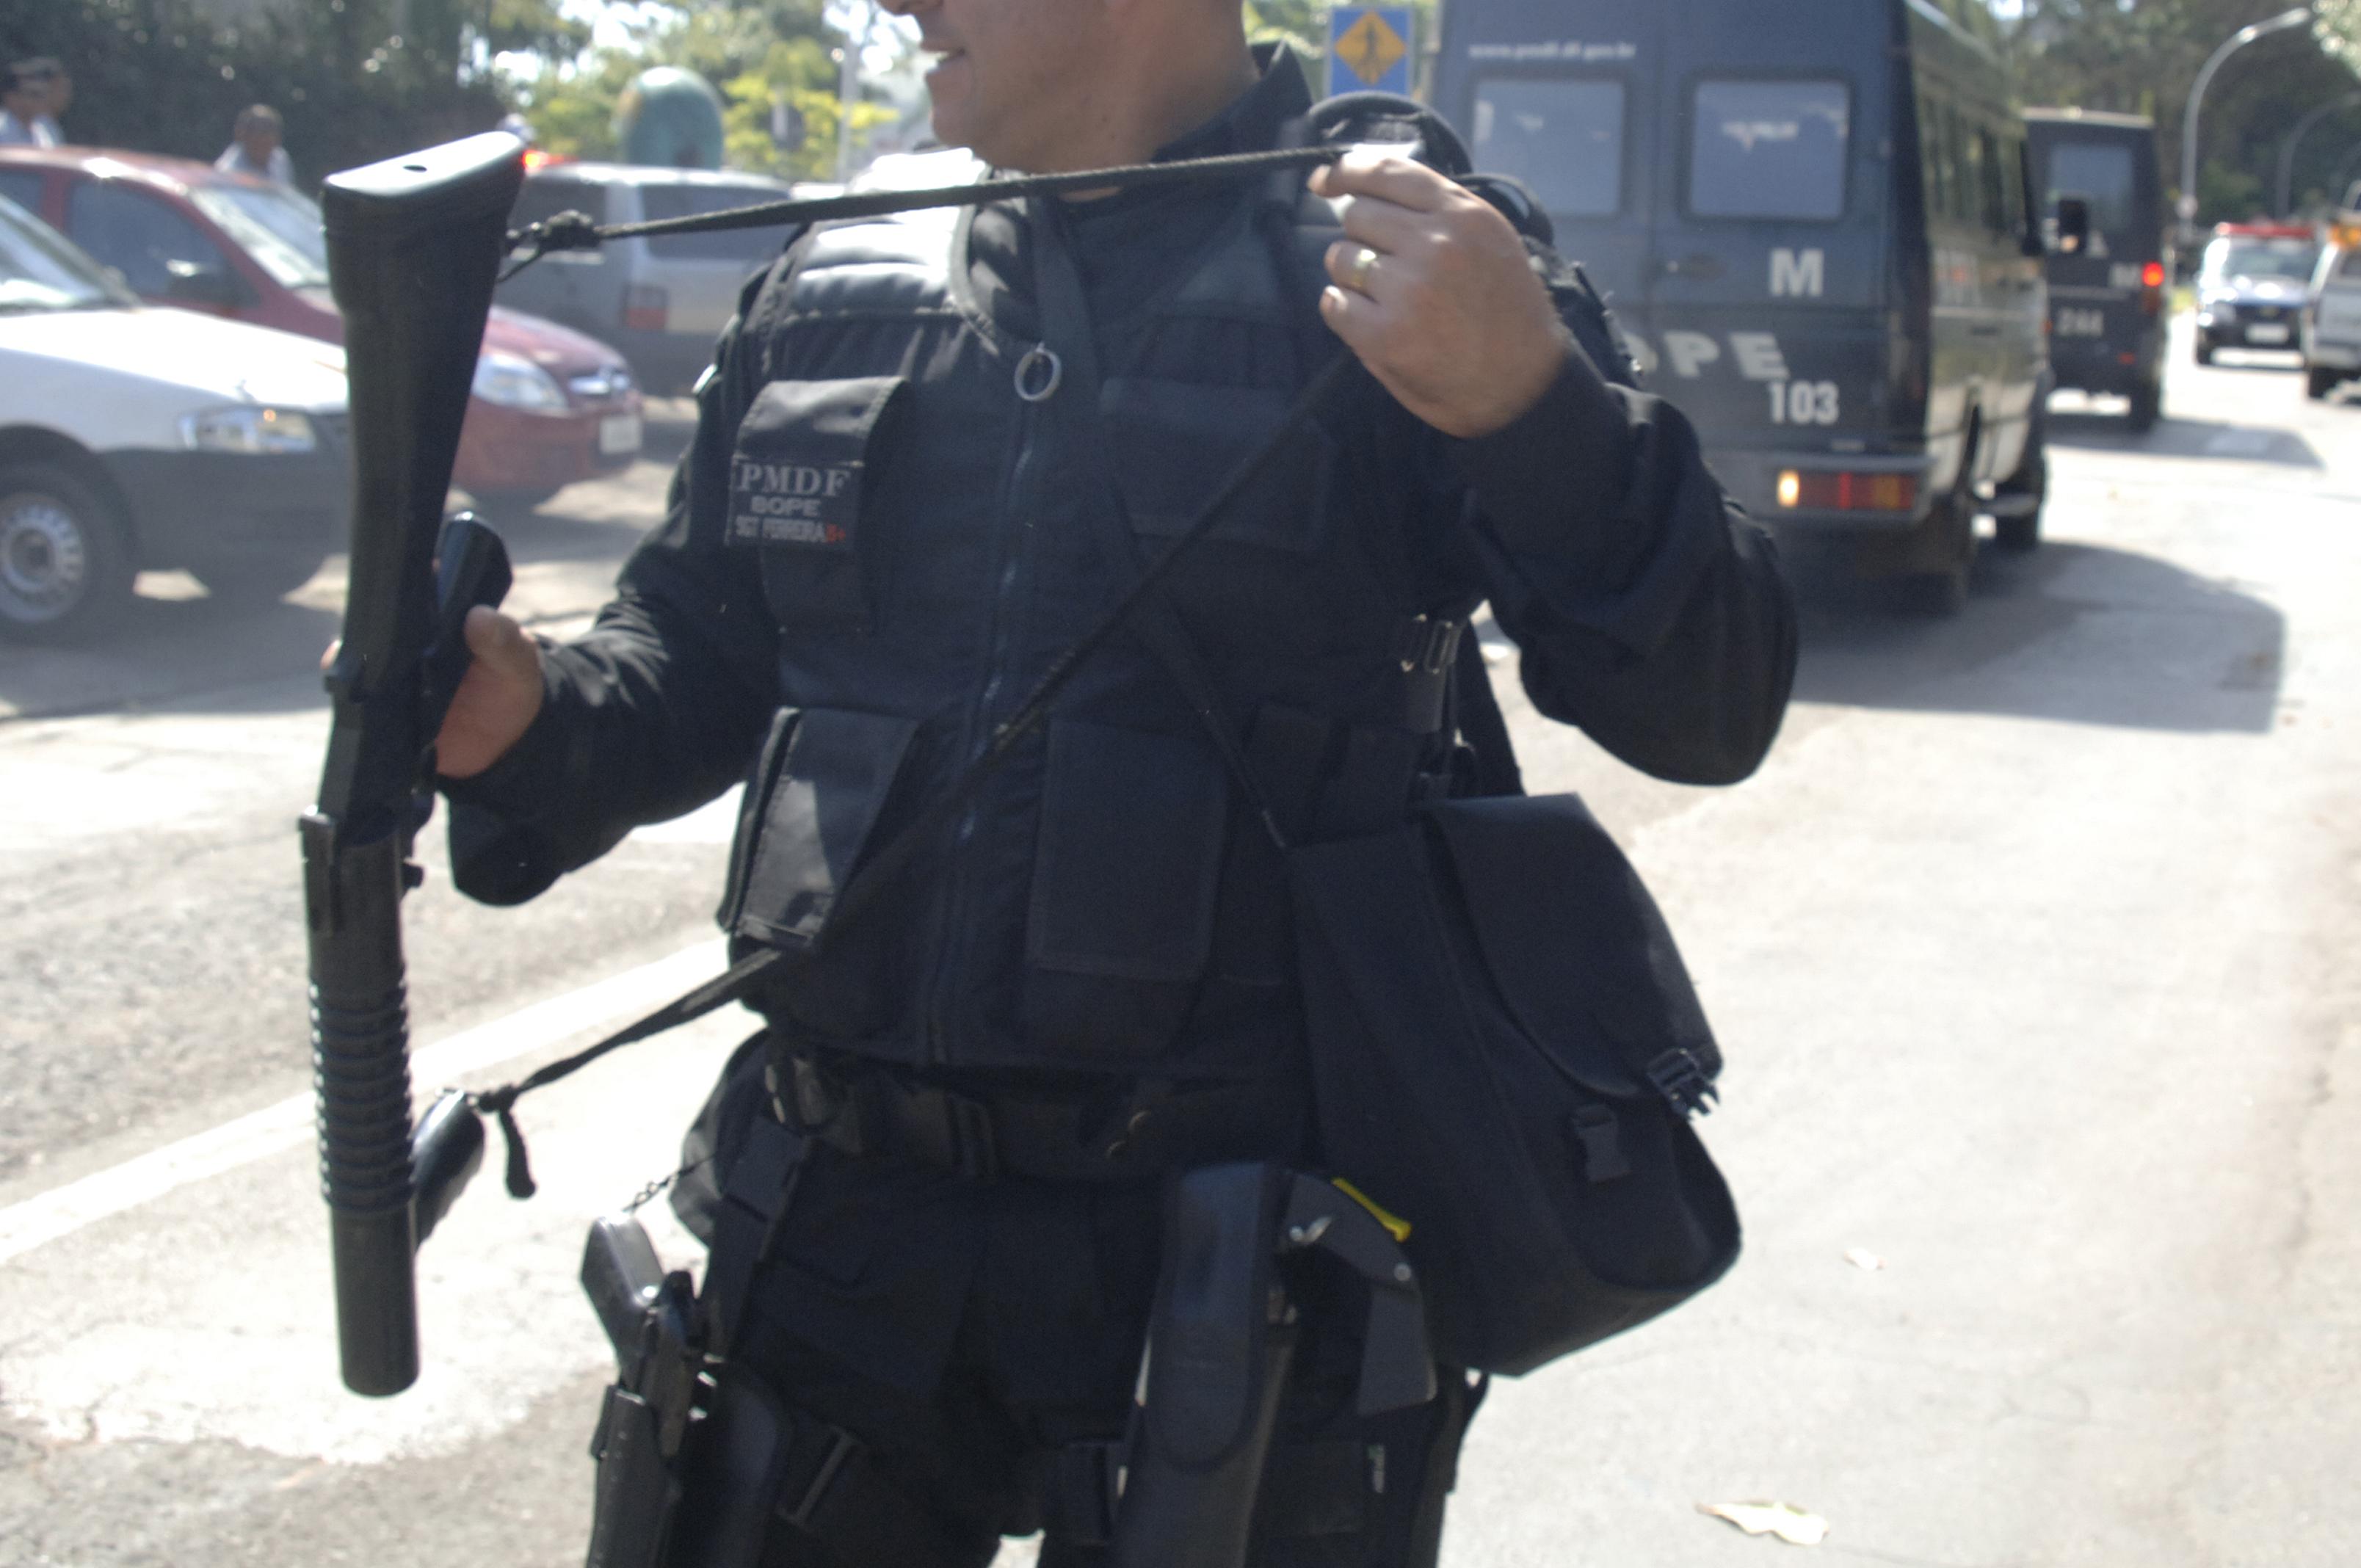 Segurança Pública - Policiais - Polícia Militar - Policial armado - Armas - Metralhadora